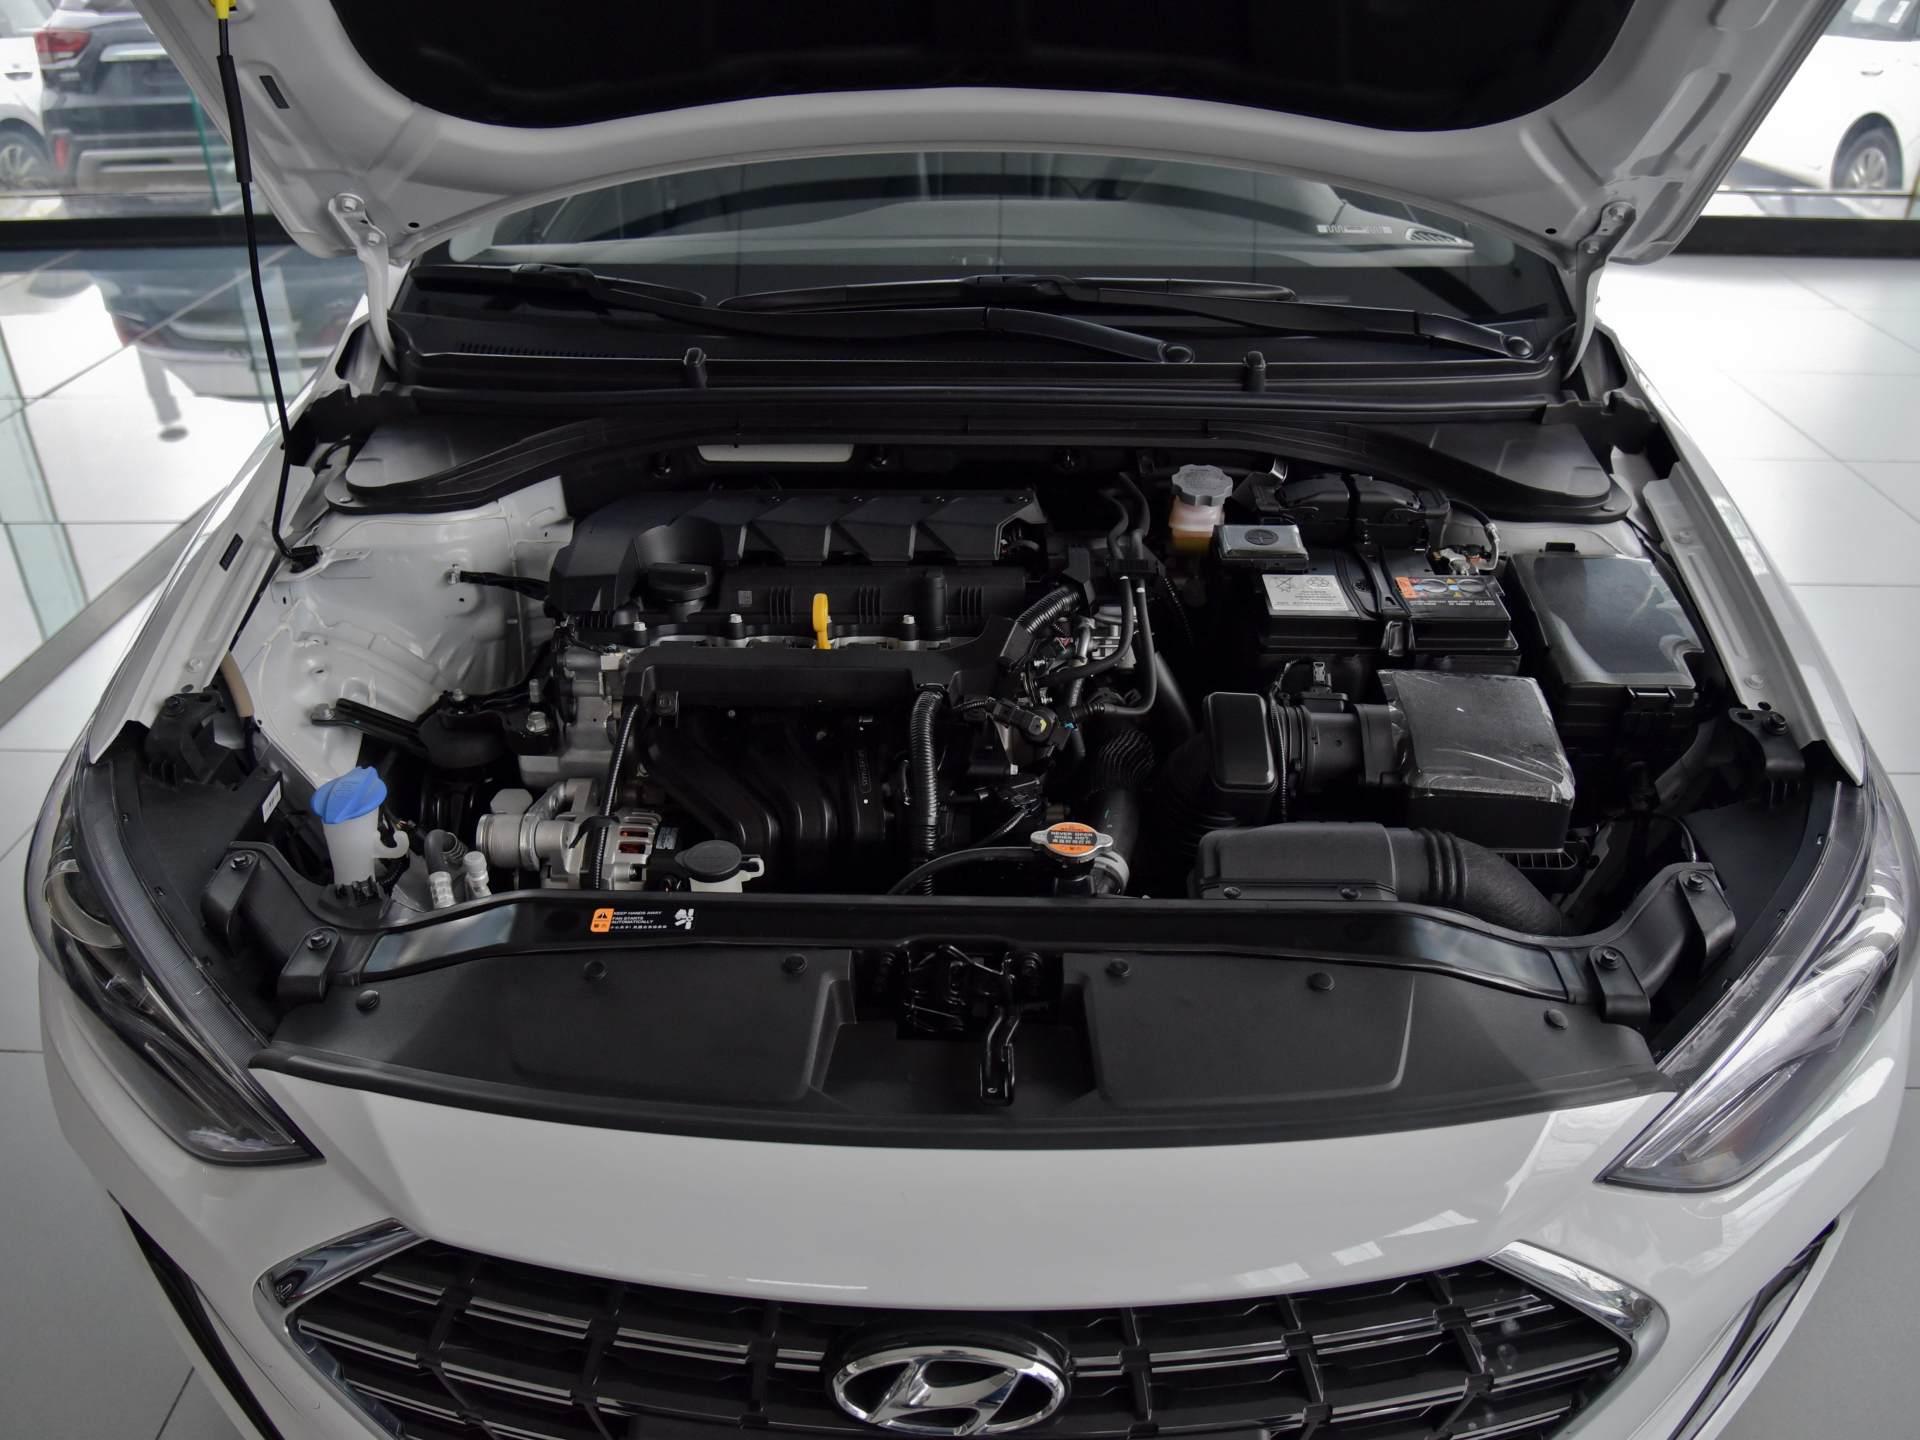 韓系走量版傢轎,1.5L四缸+CVT,軸距2.7米,10萬價格香不-圖7